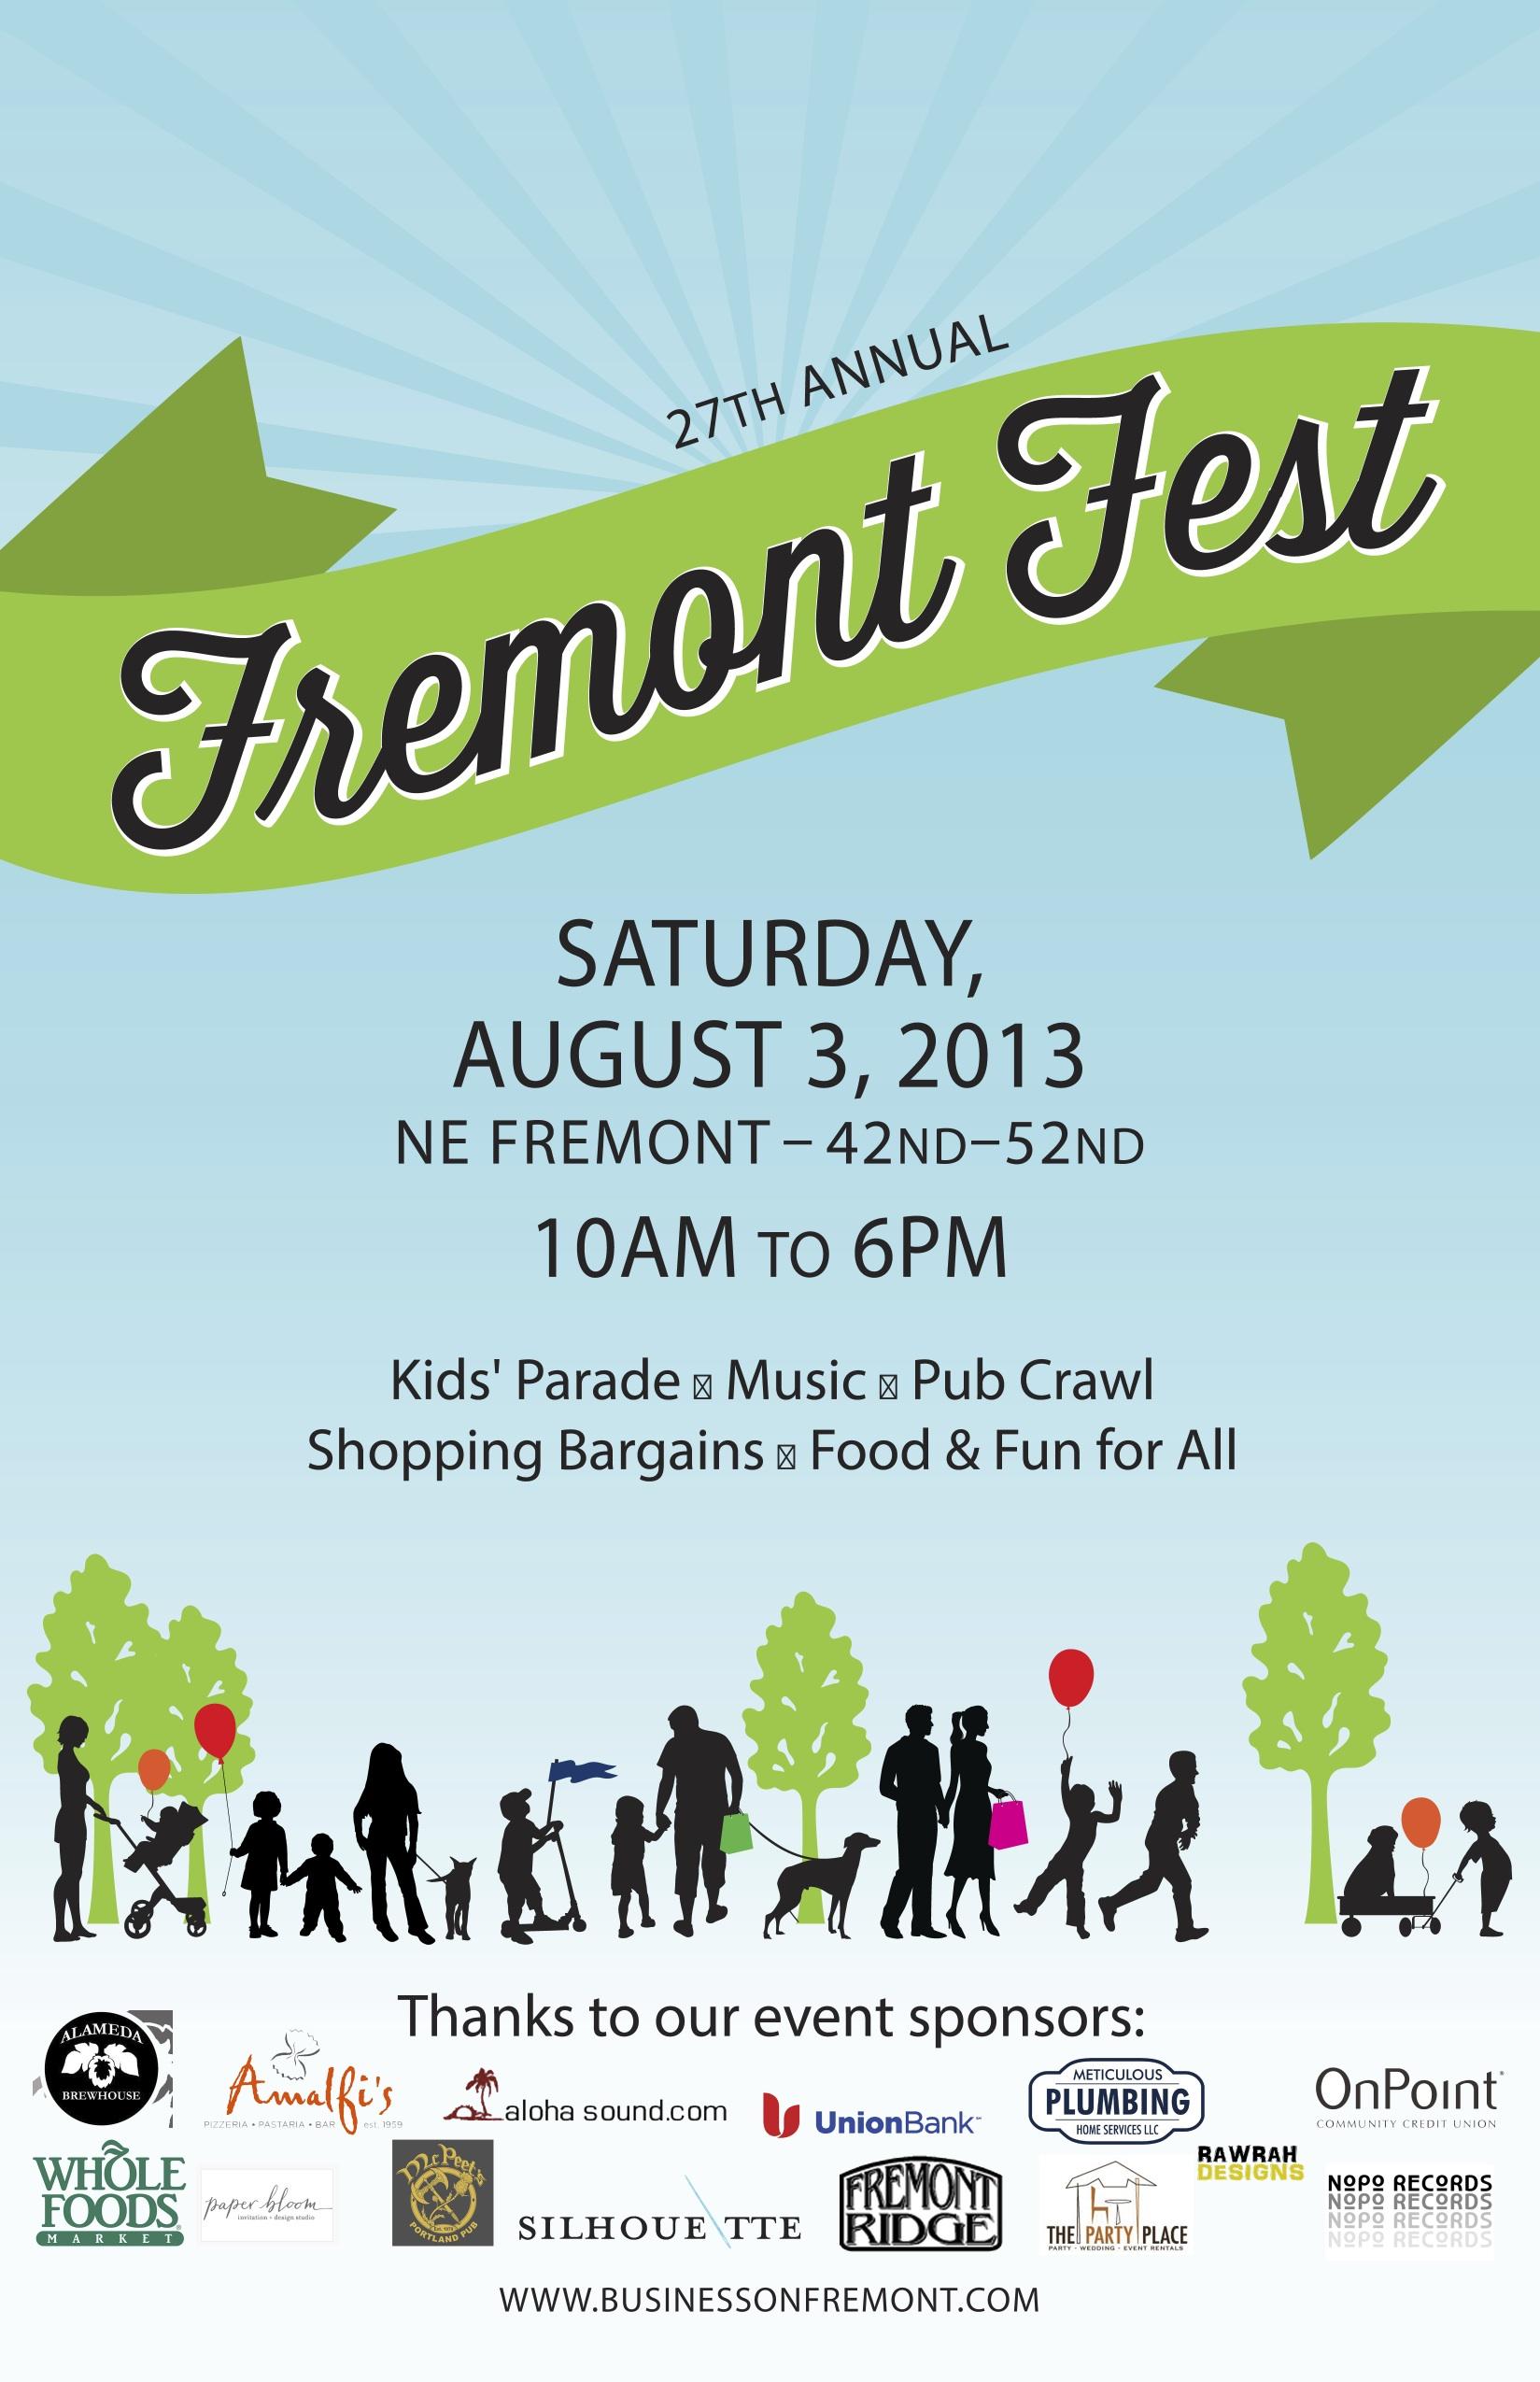 FremontFest13 COMPLETE